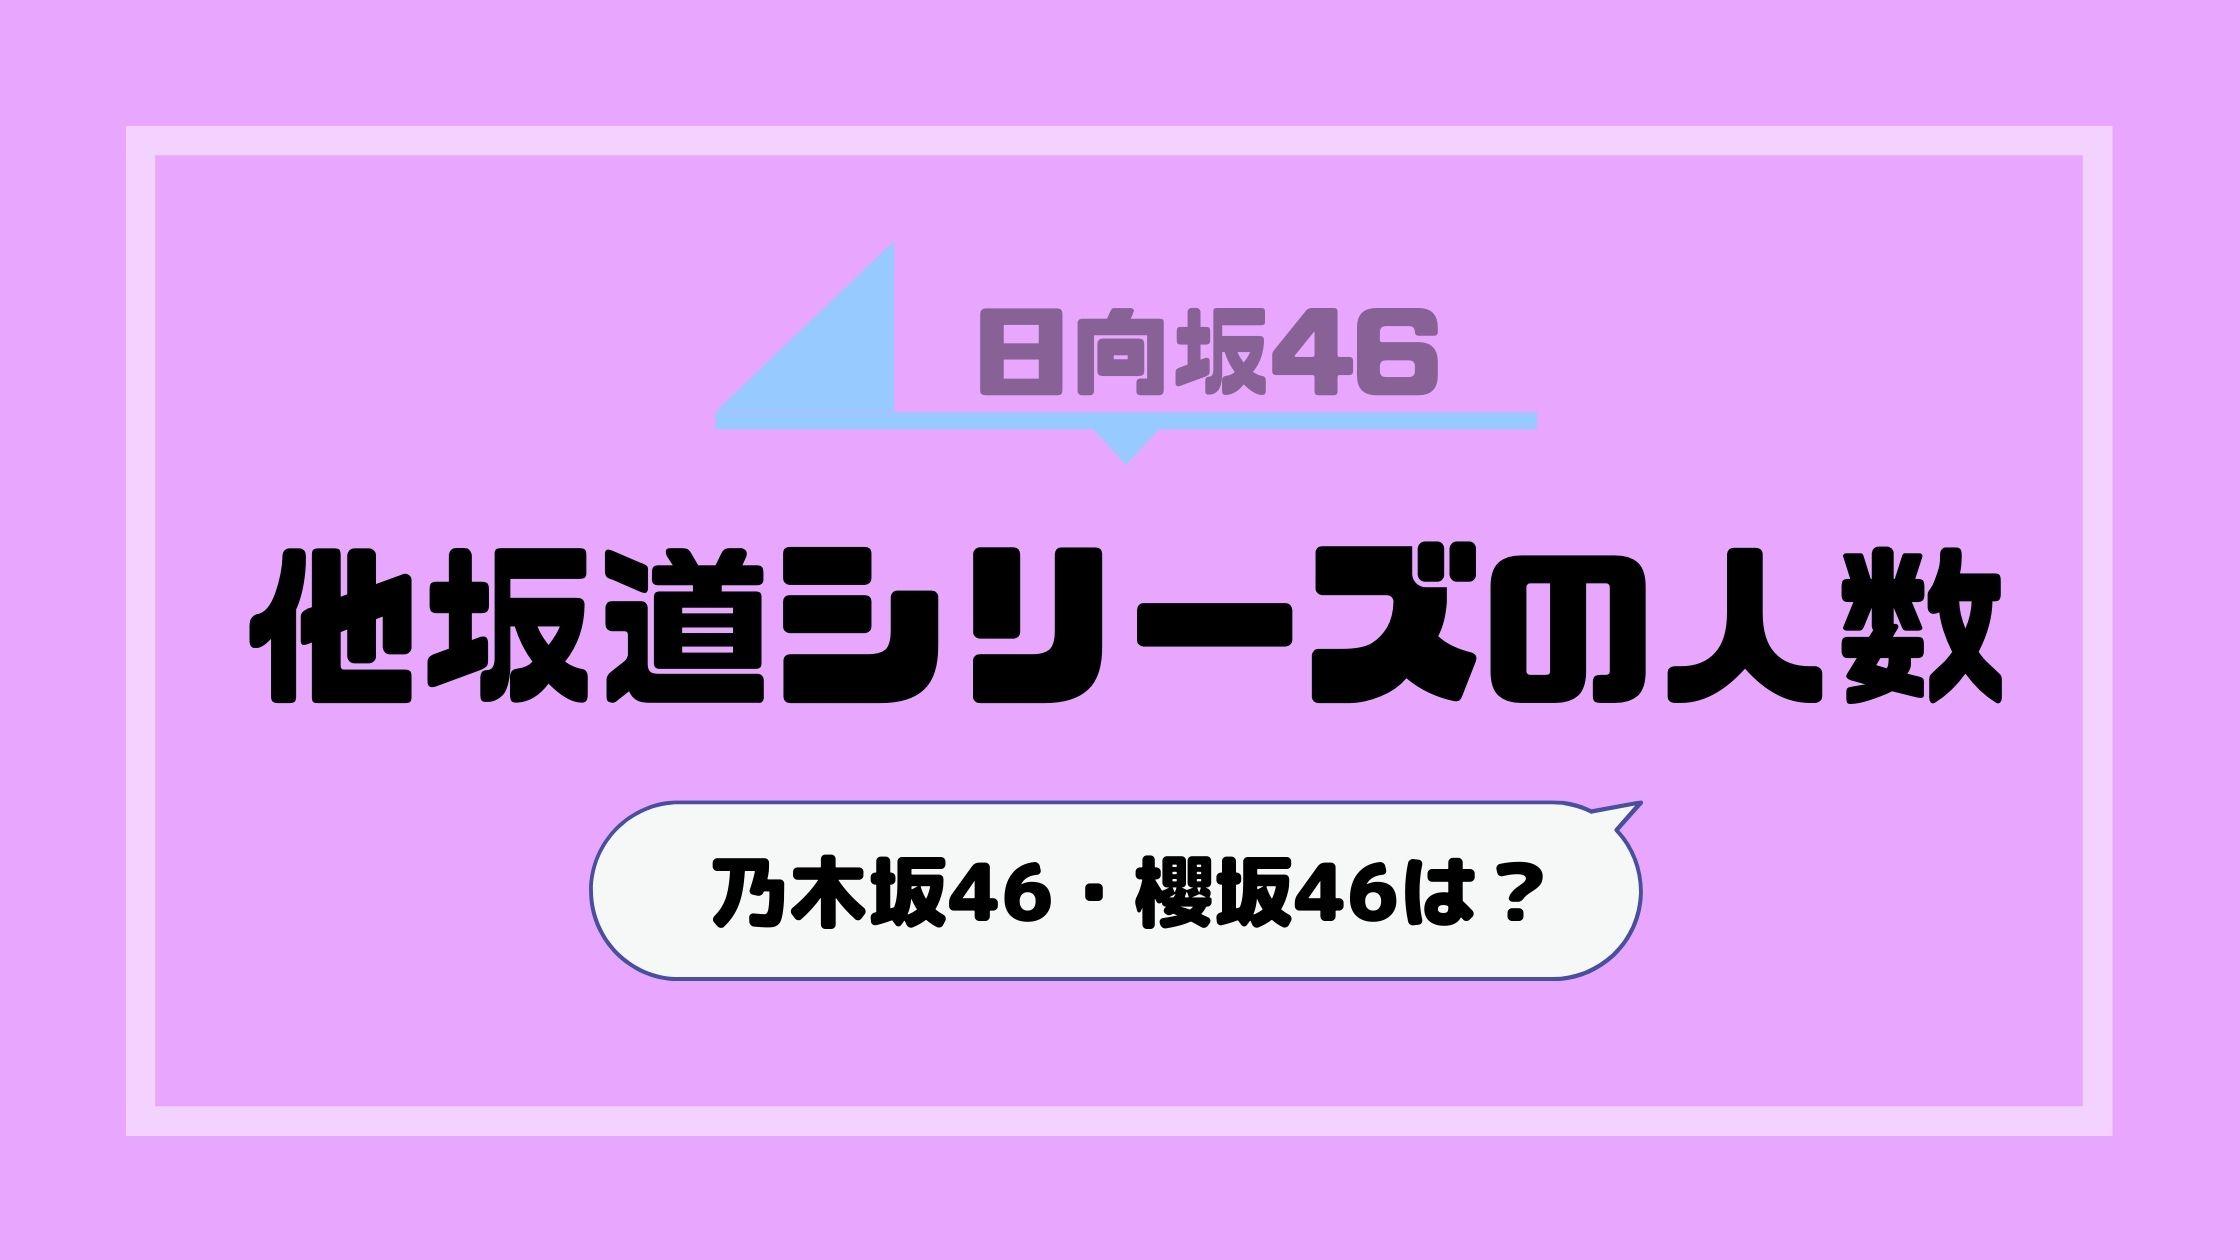 日向坂46以外の坂道シリーズの人数は?